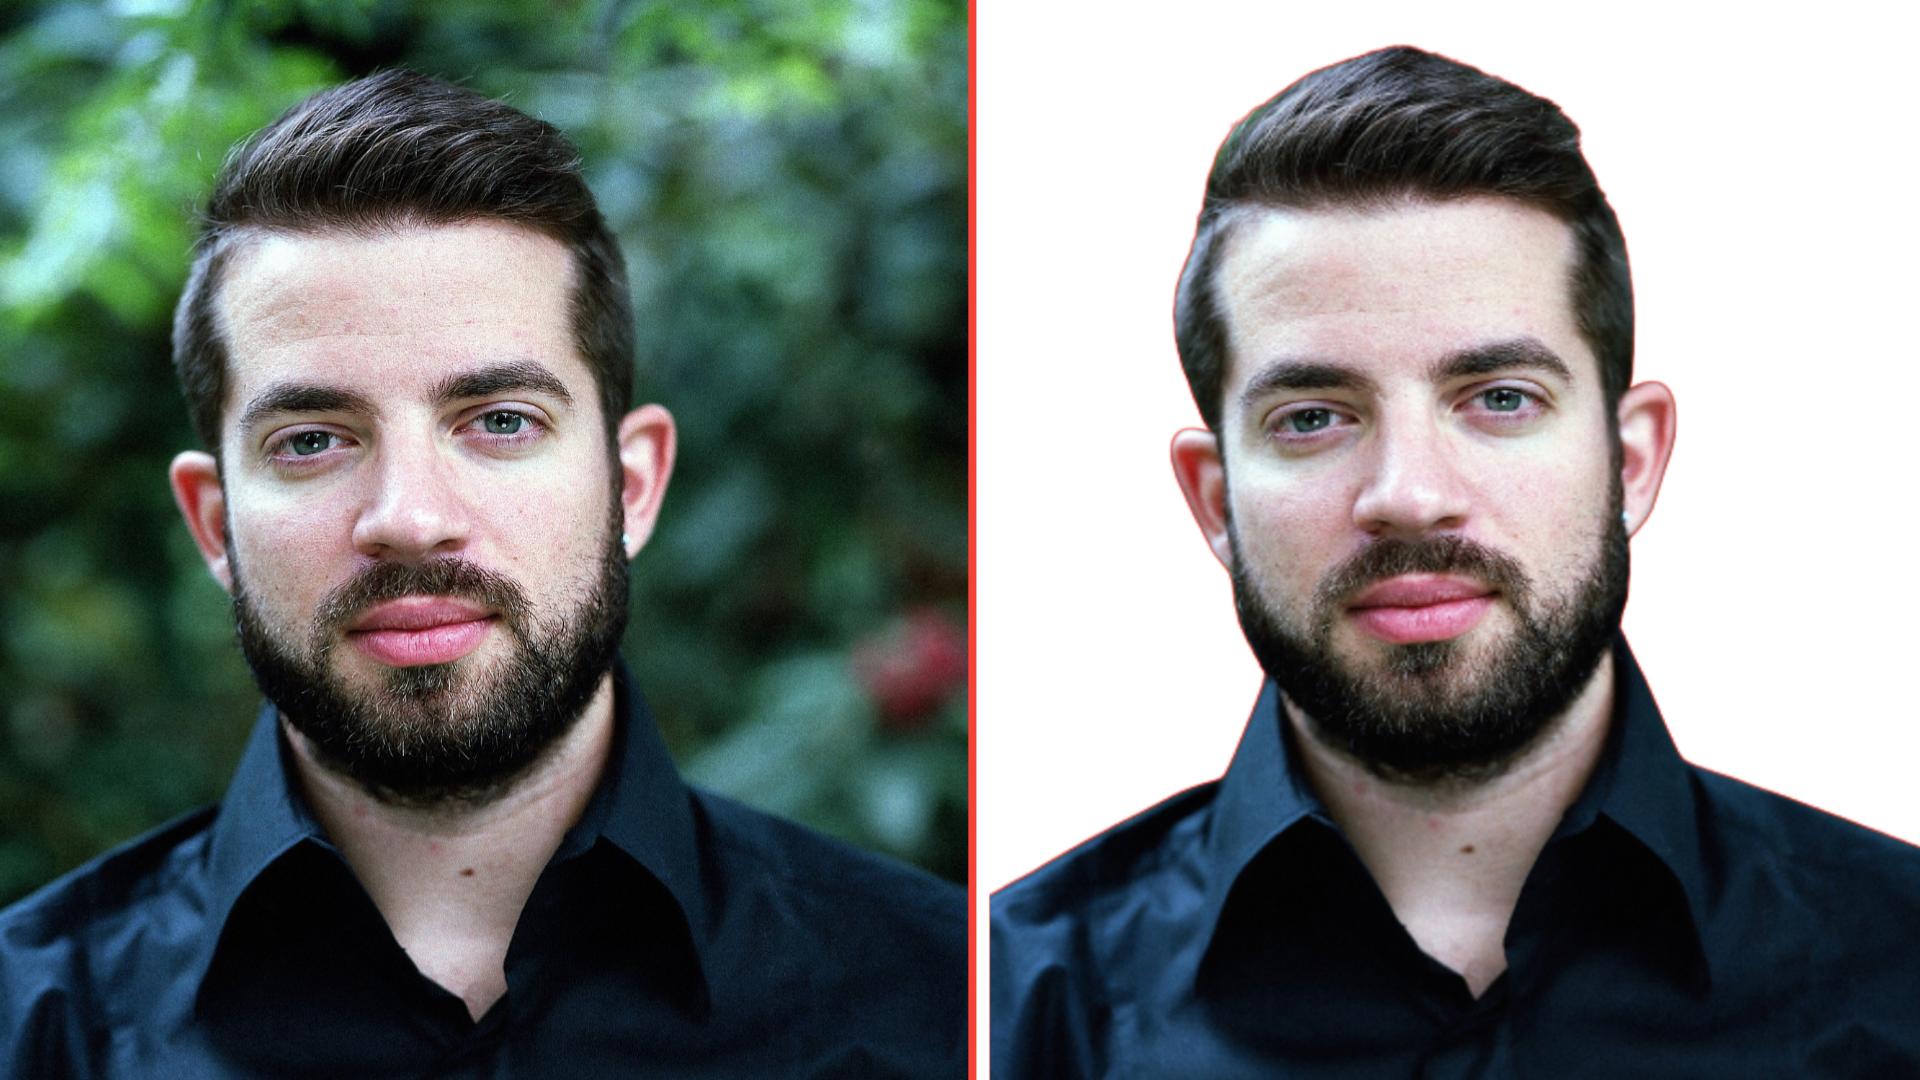 تطبيق تفريغ الصور للأندرويد أزالة خلفية الصورة تغير خلفية الصور